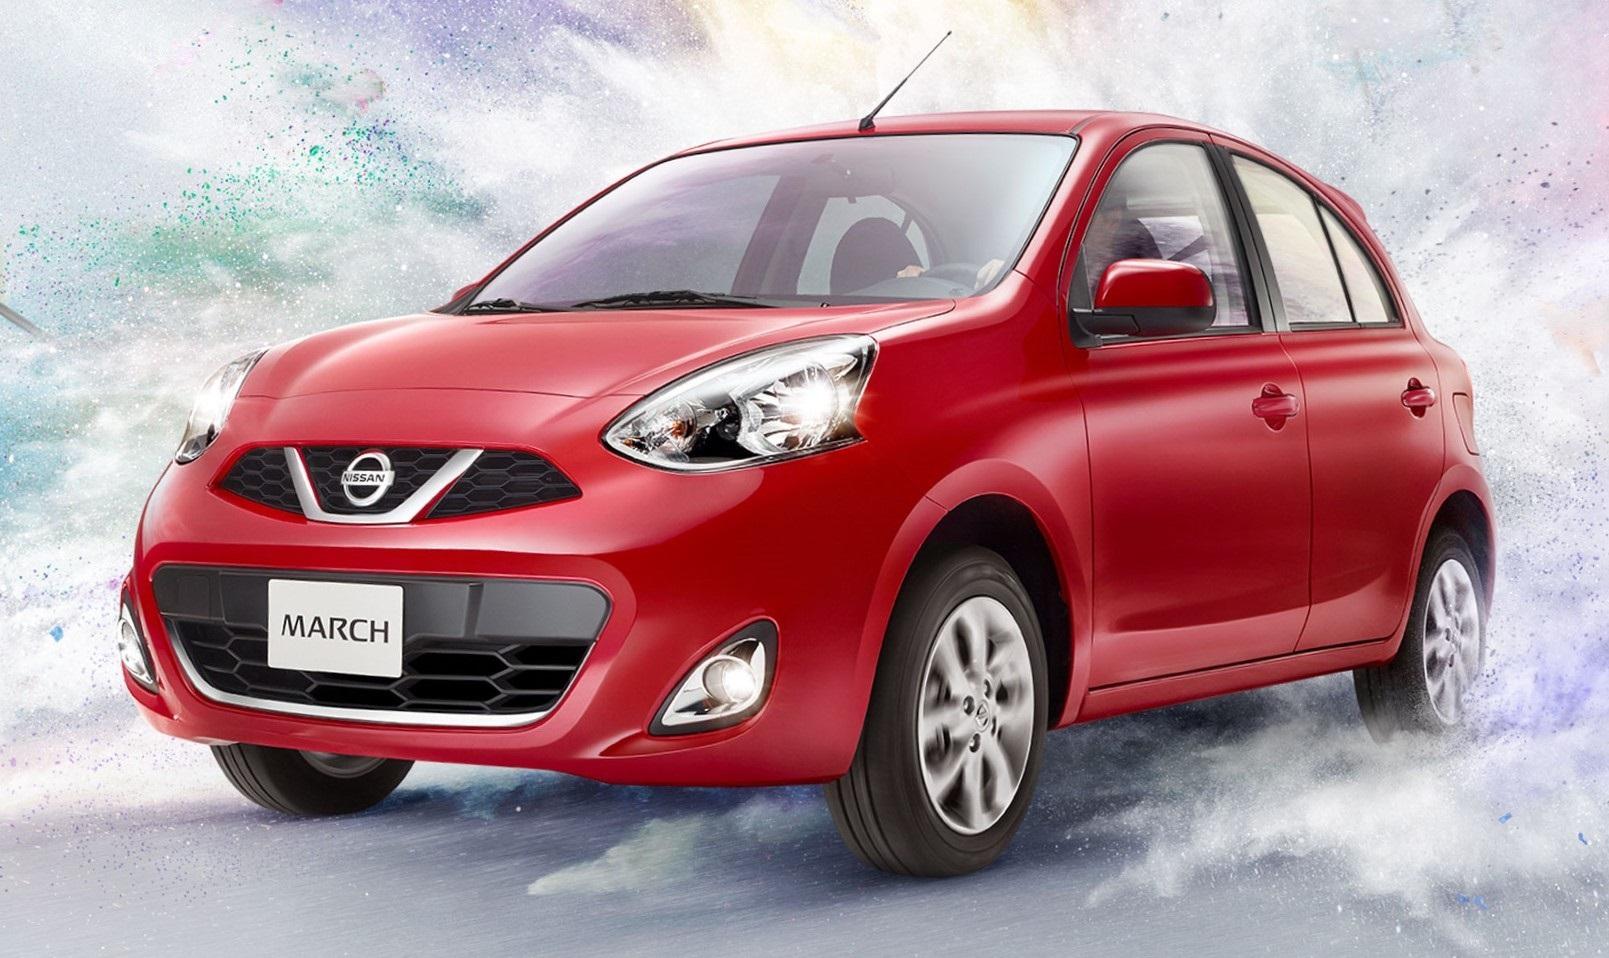 Compra Certa Nissan: só na Japan, você leva seu carro 0km com a primeira parcela só em 2019!